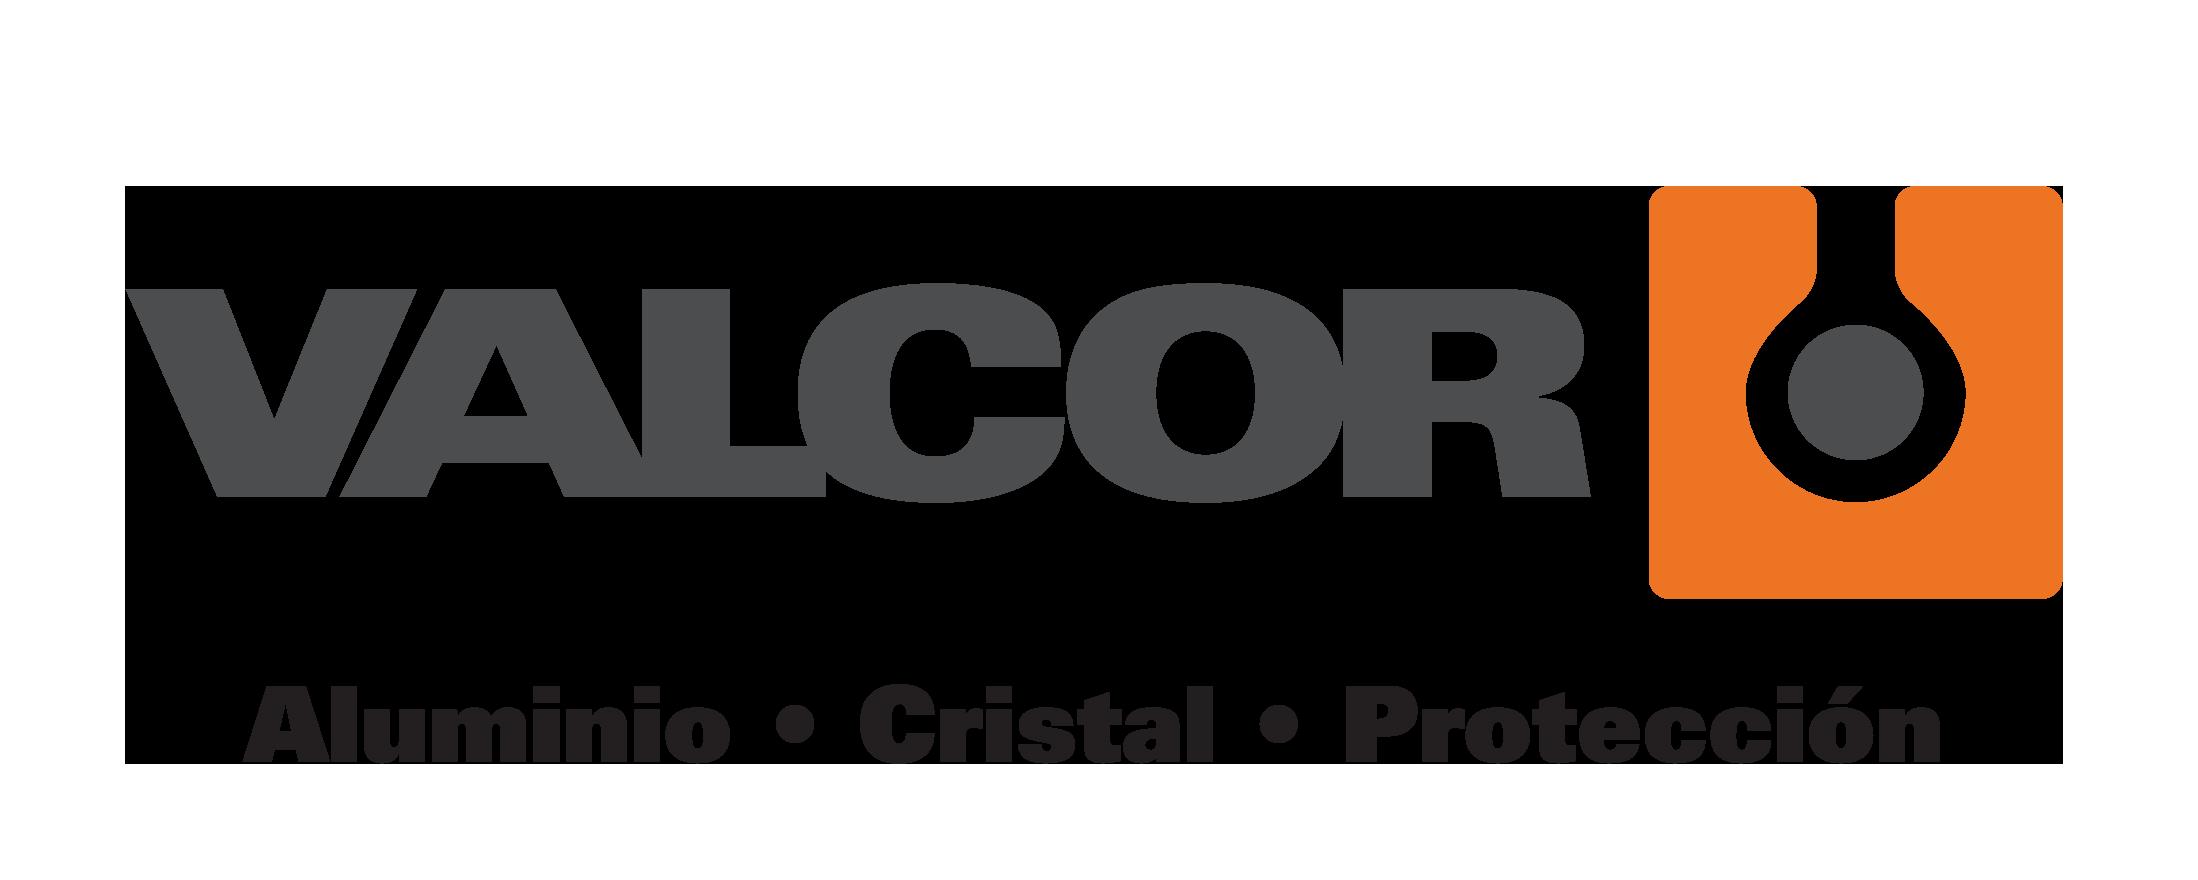 New Logo-Valcor-2018-FINAL-H-2